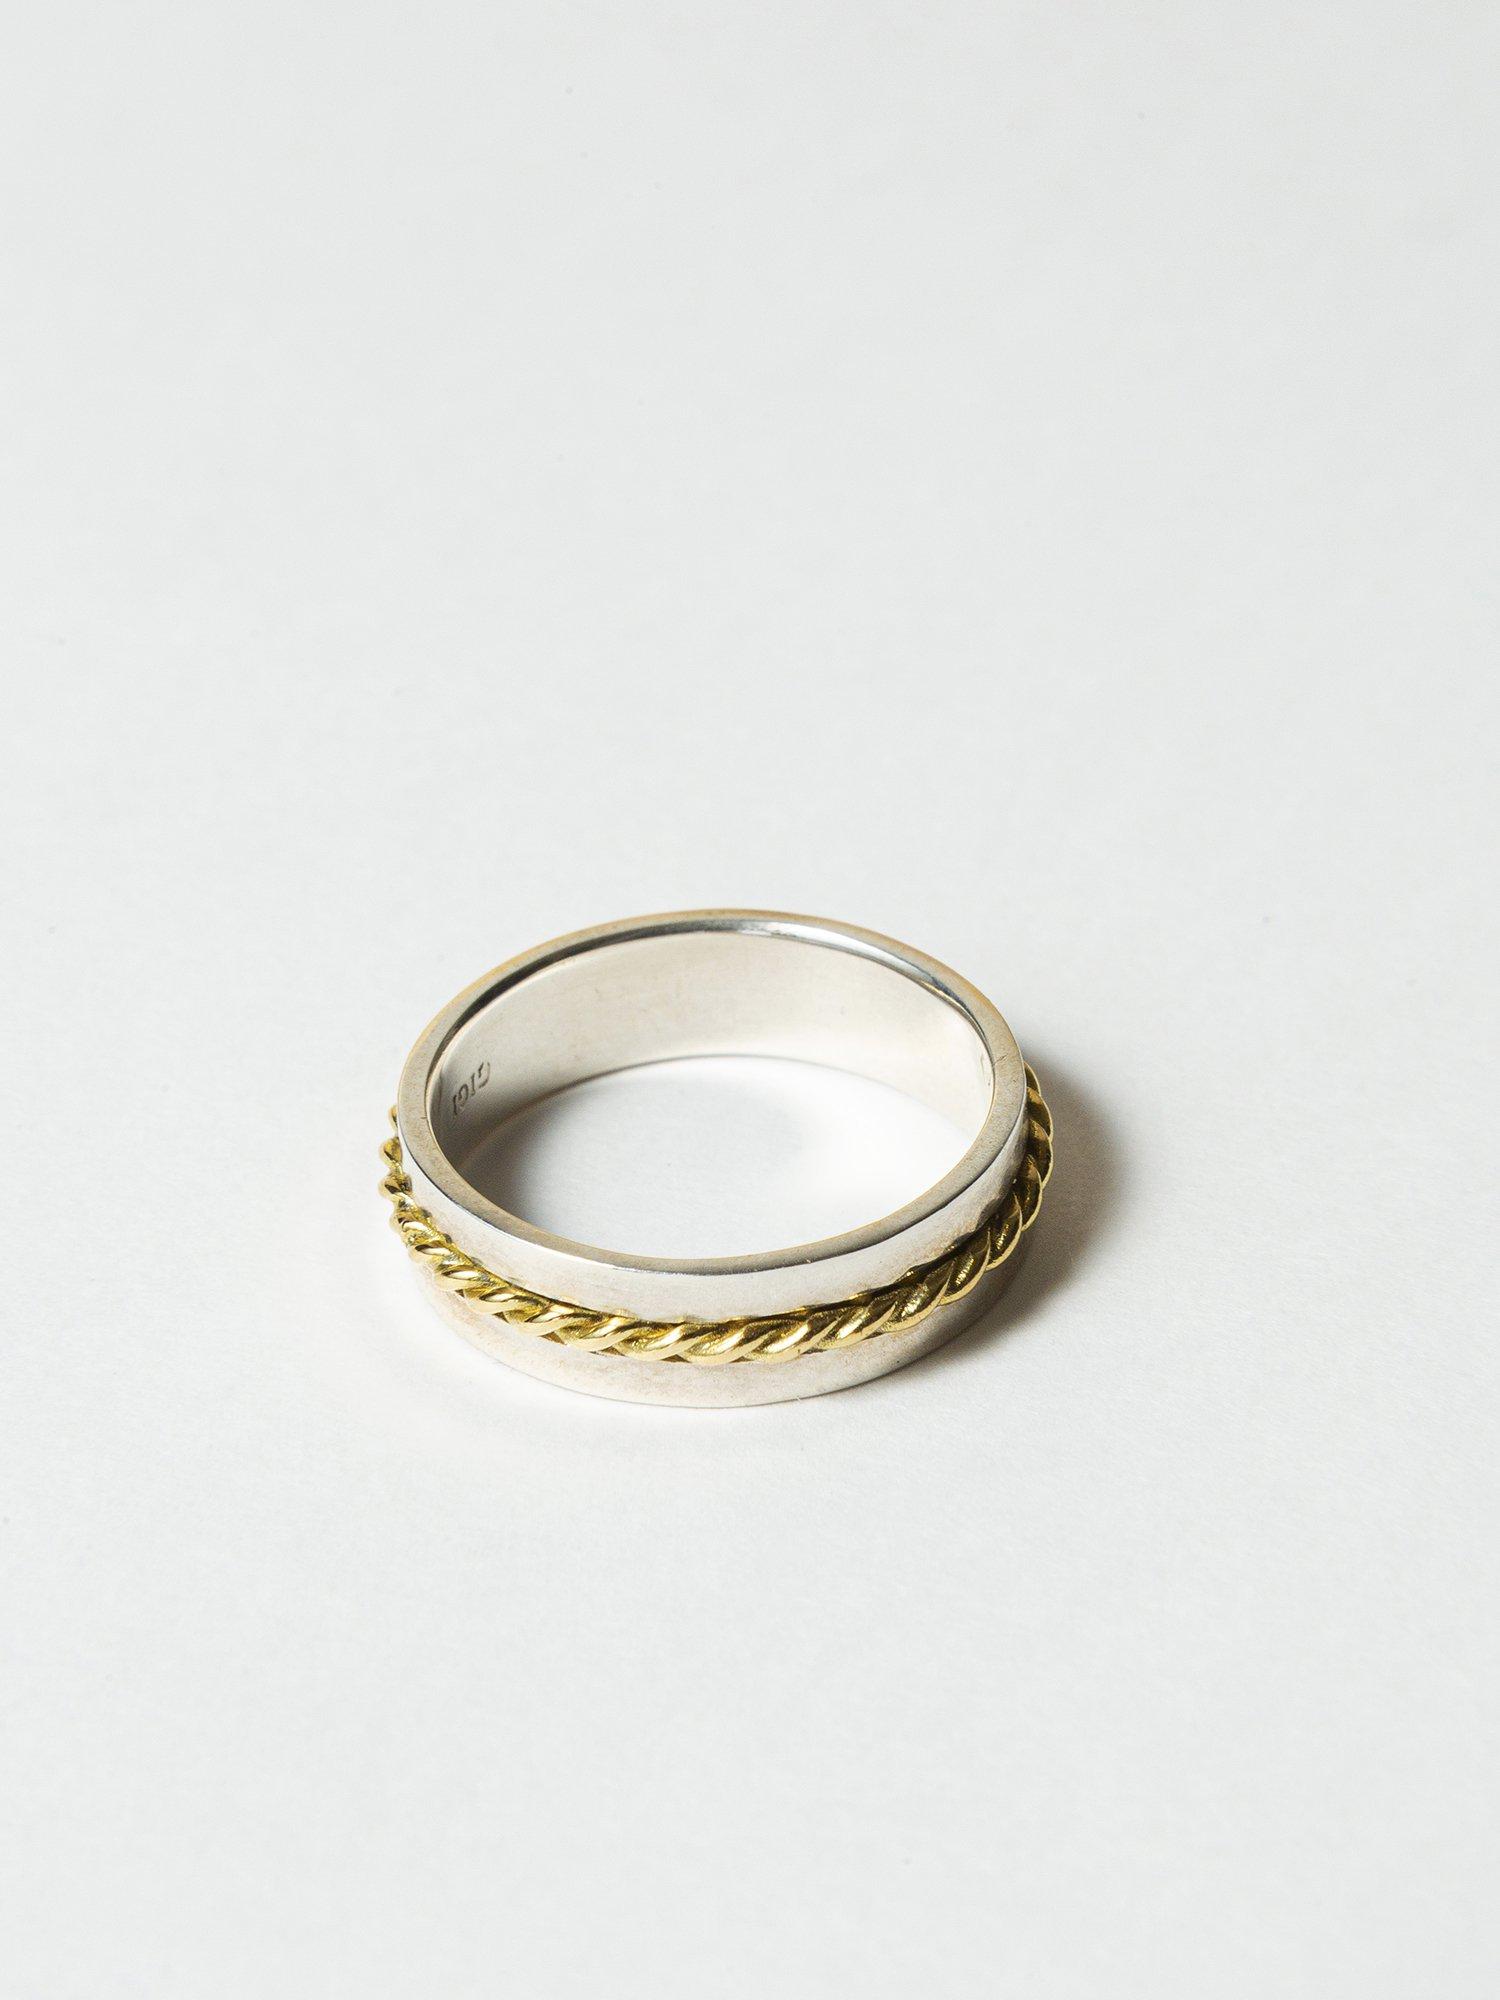 ARTEMIS /  French rope ring / 在庫商品 / サイズ12号